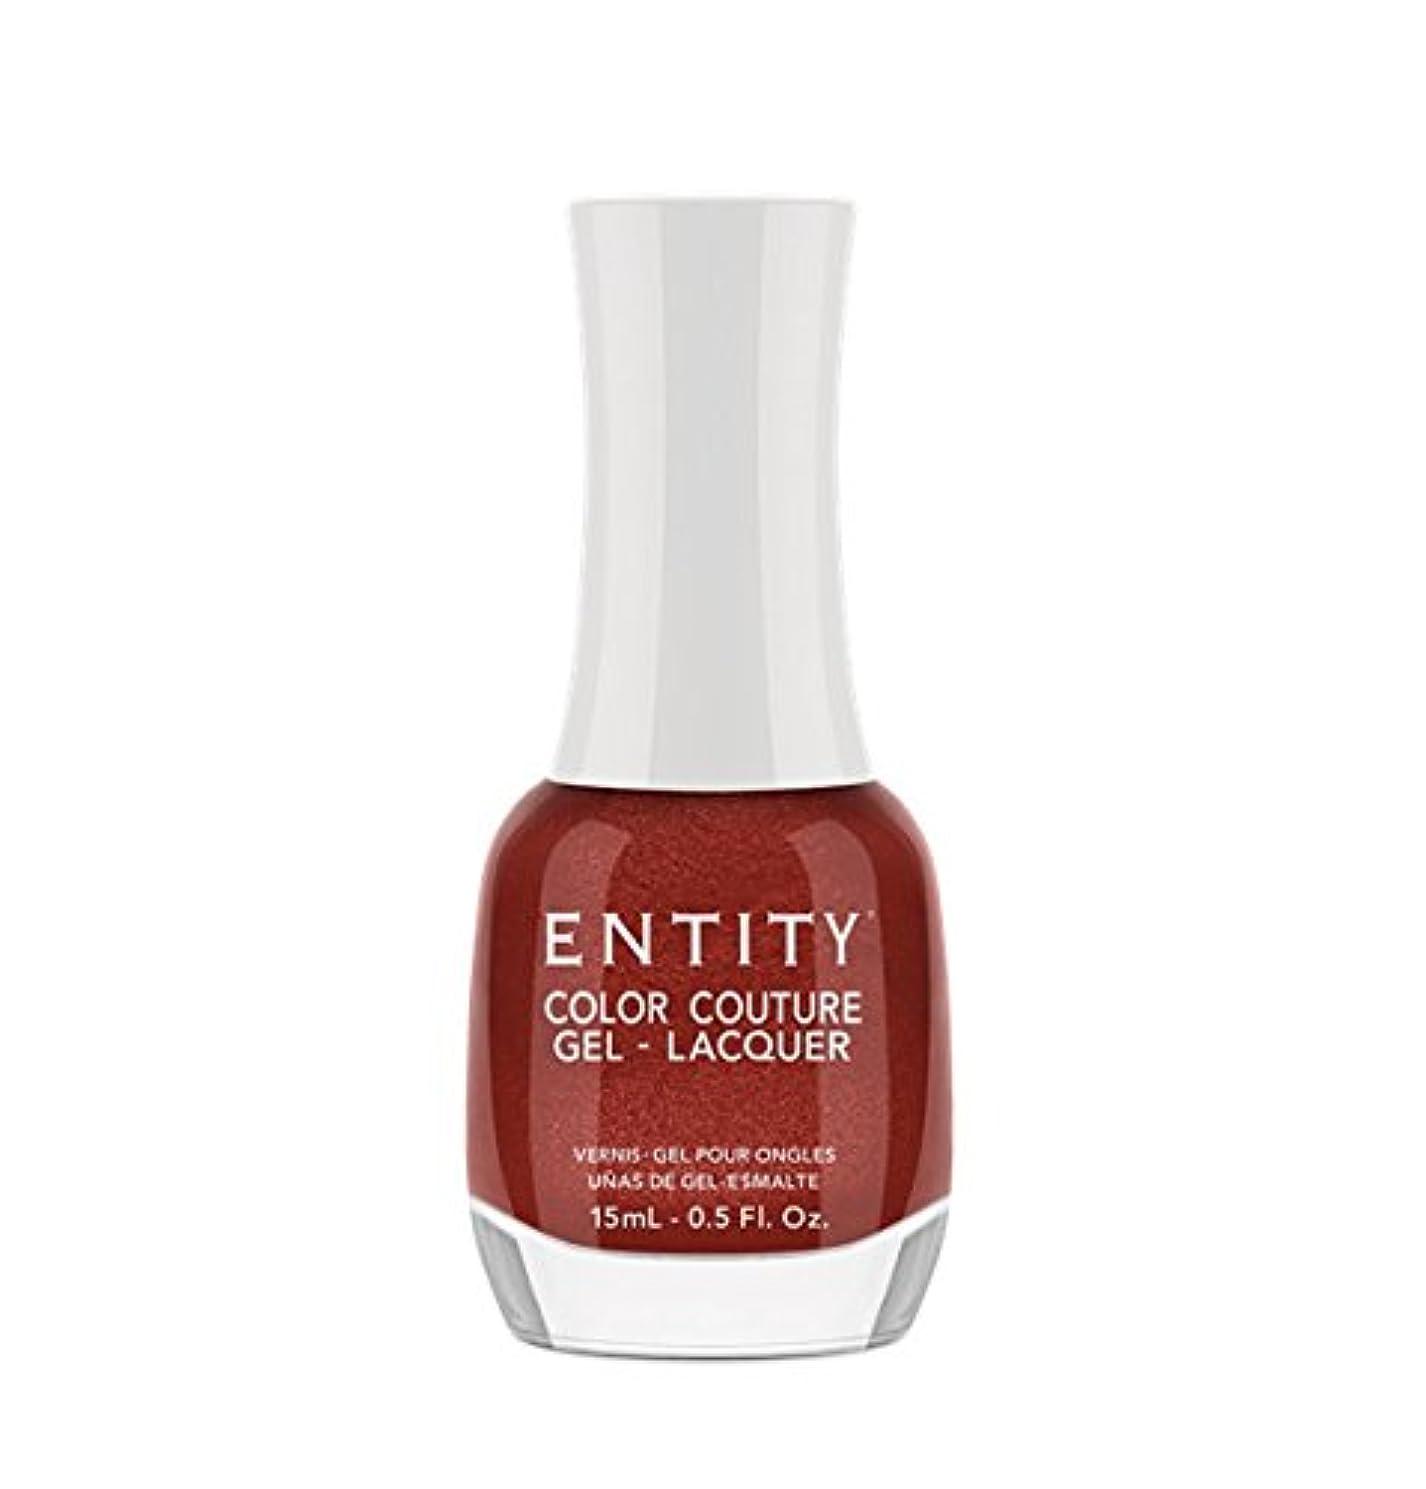 マリナー無関心語Entity Color Couture Gel-Lacquer - All Made Up - 15 ml/0.5 oz